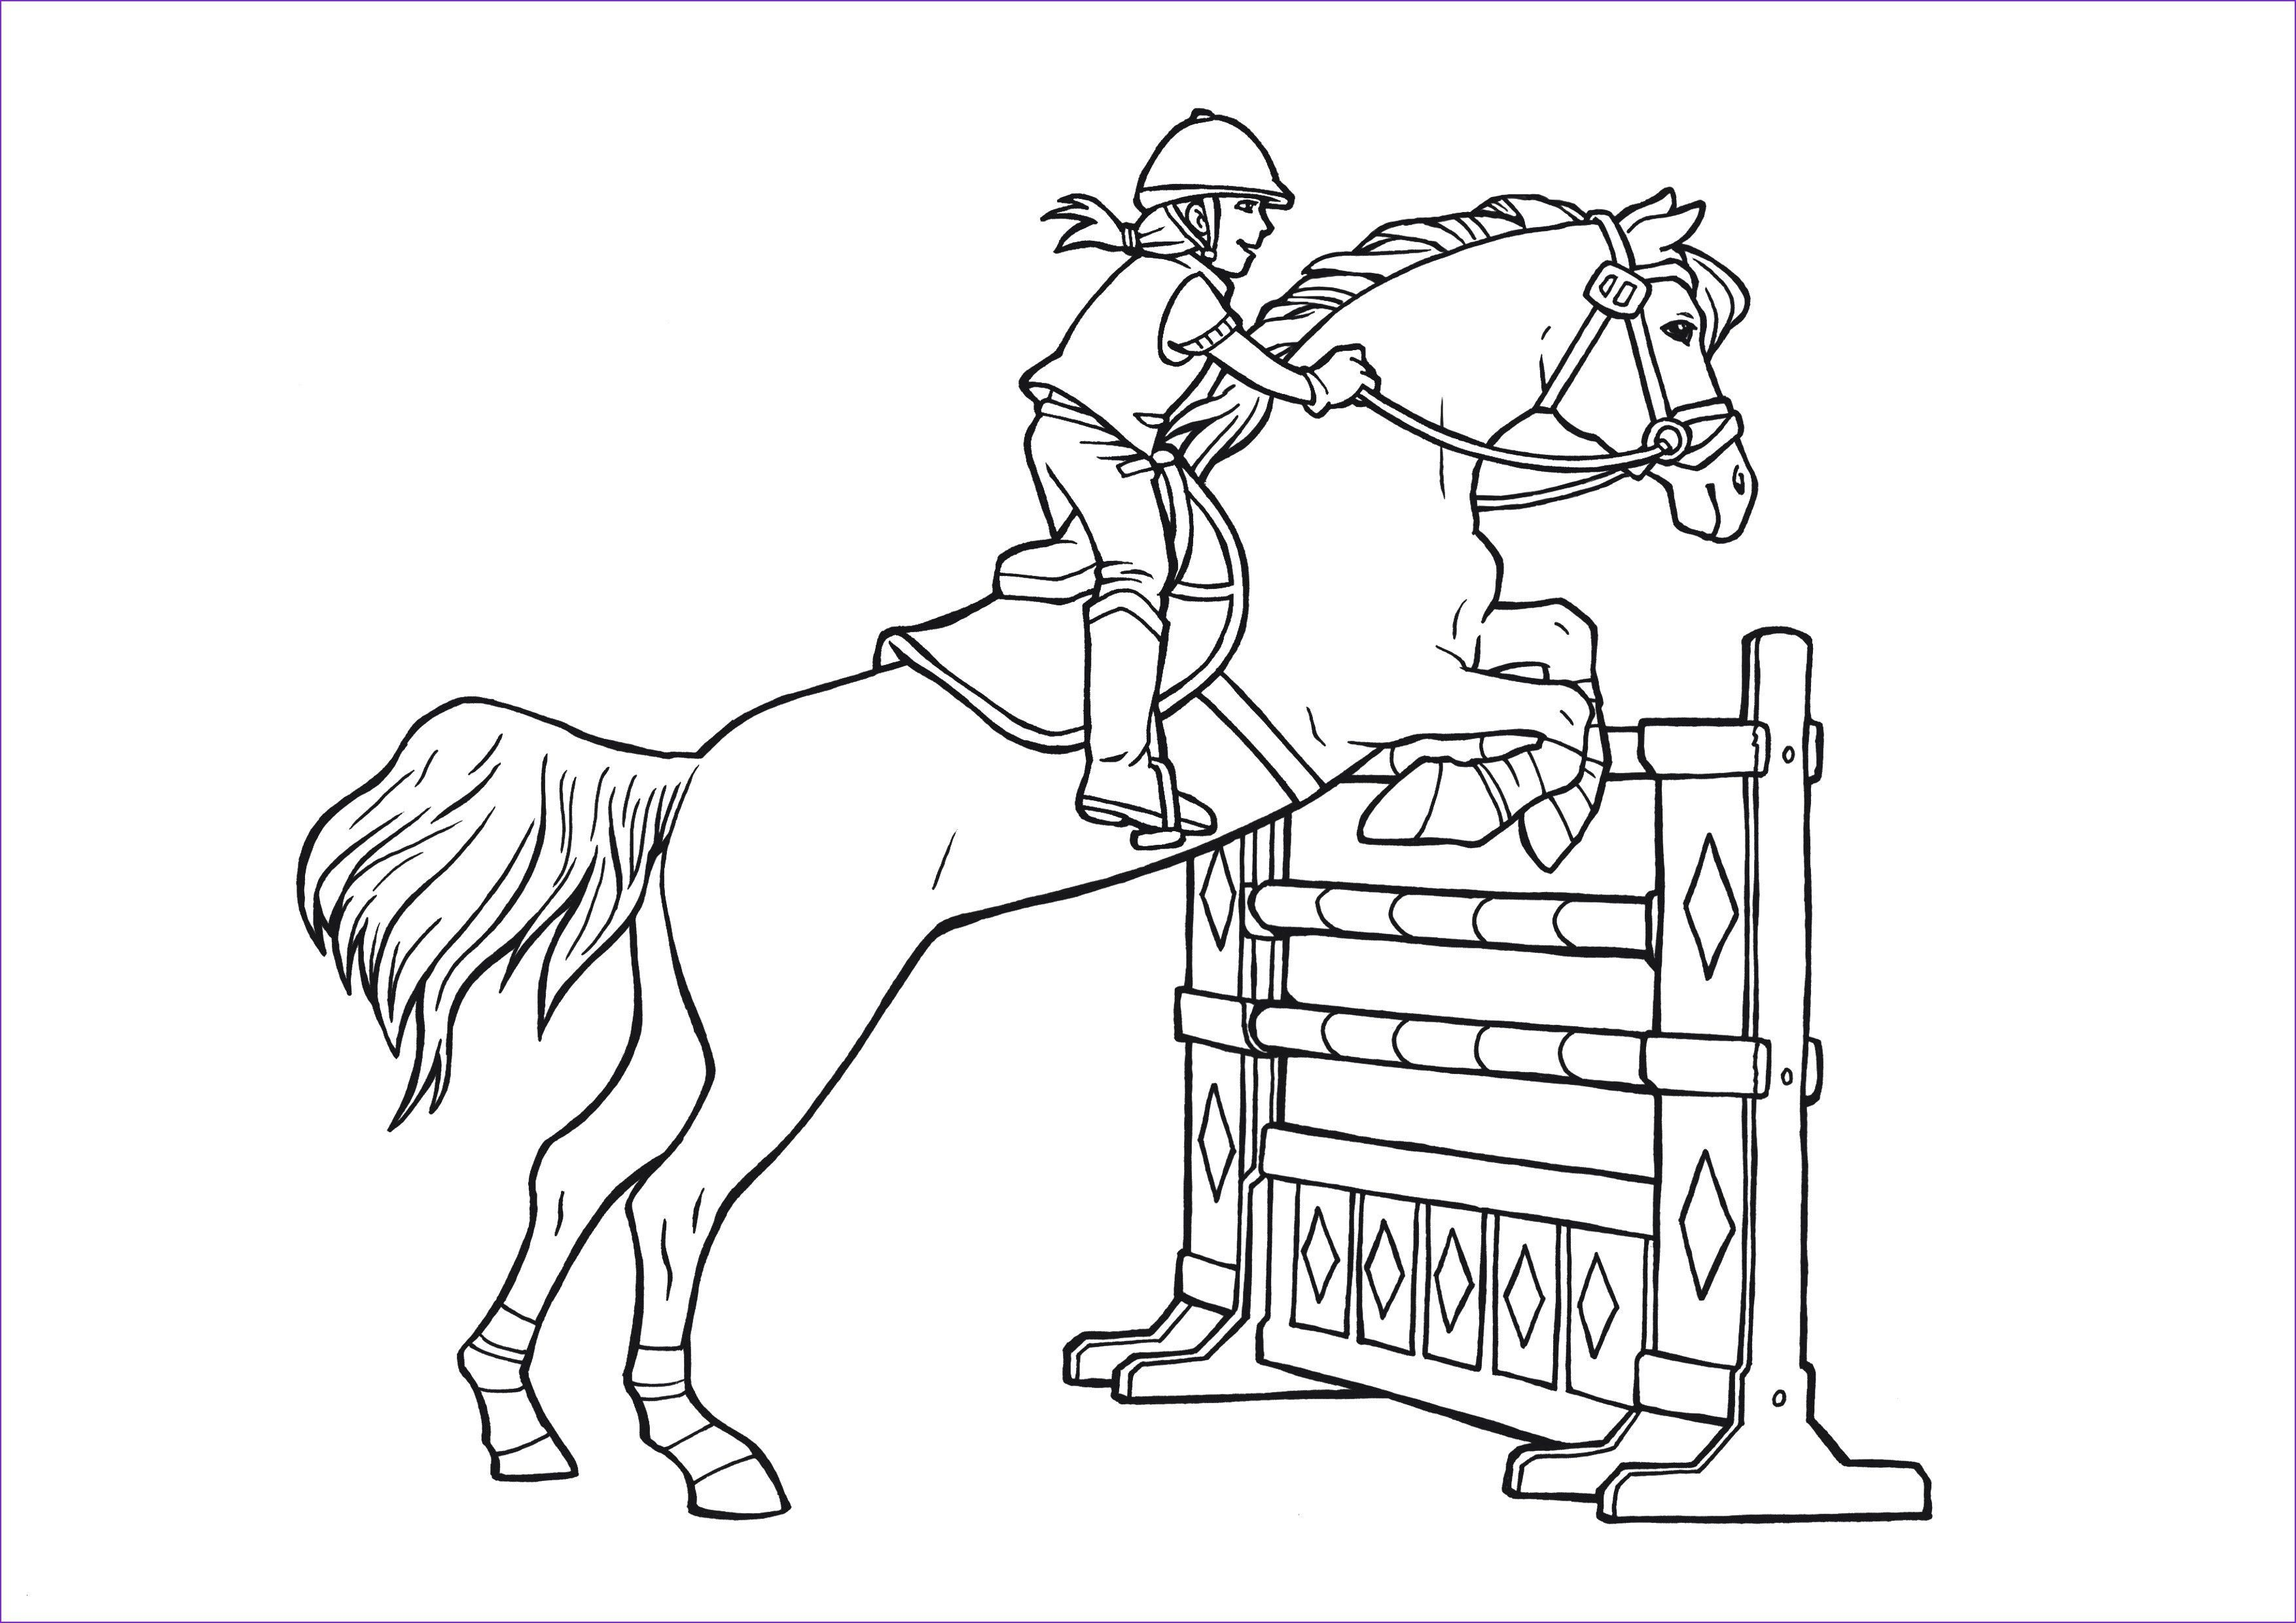 Malvorlagen Pferde Zum Ausdrucken Online Aiquruguay